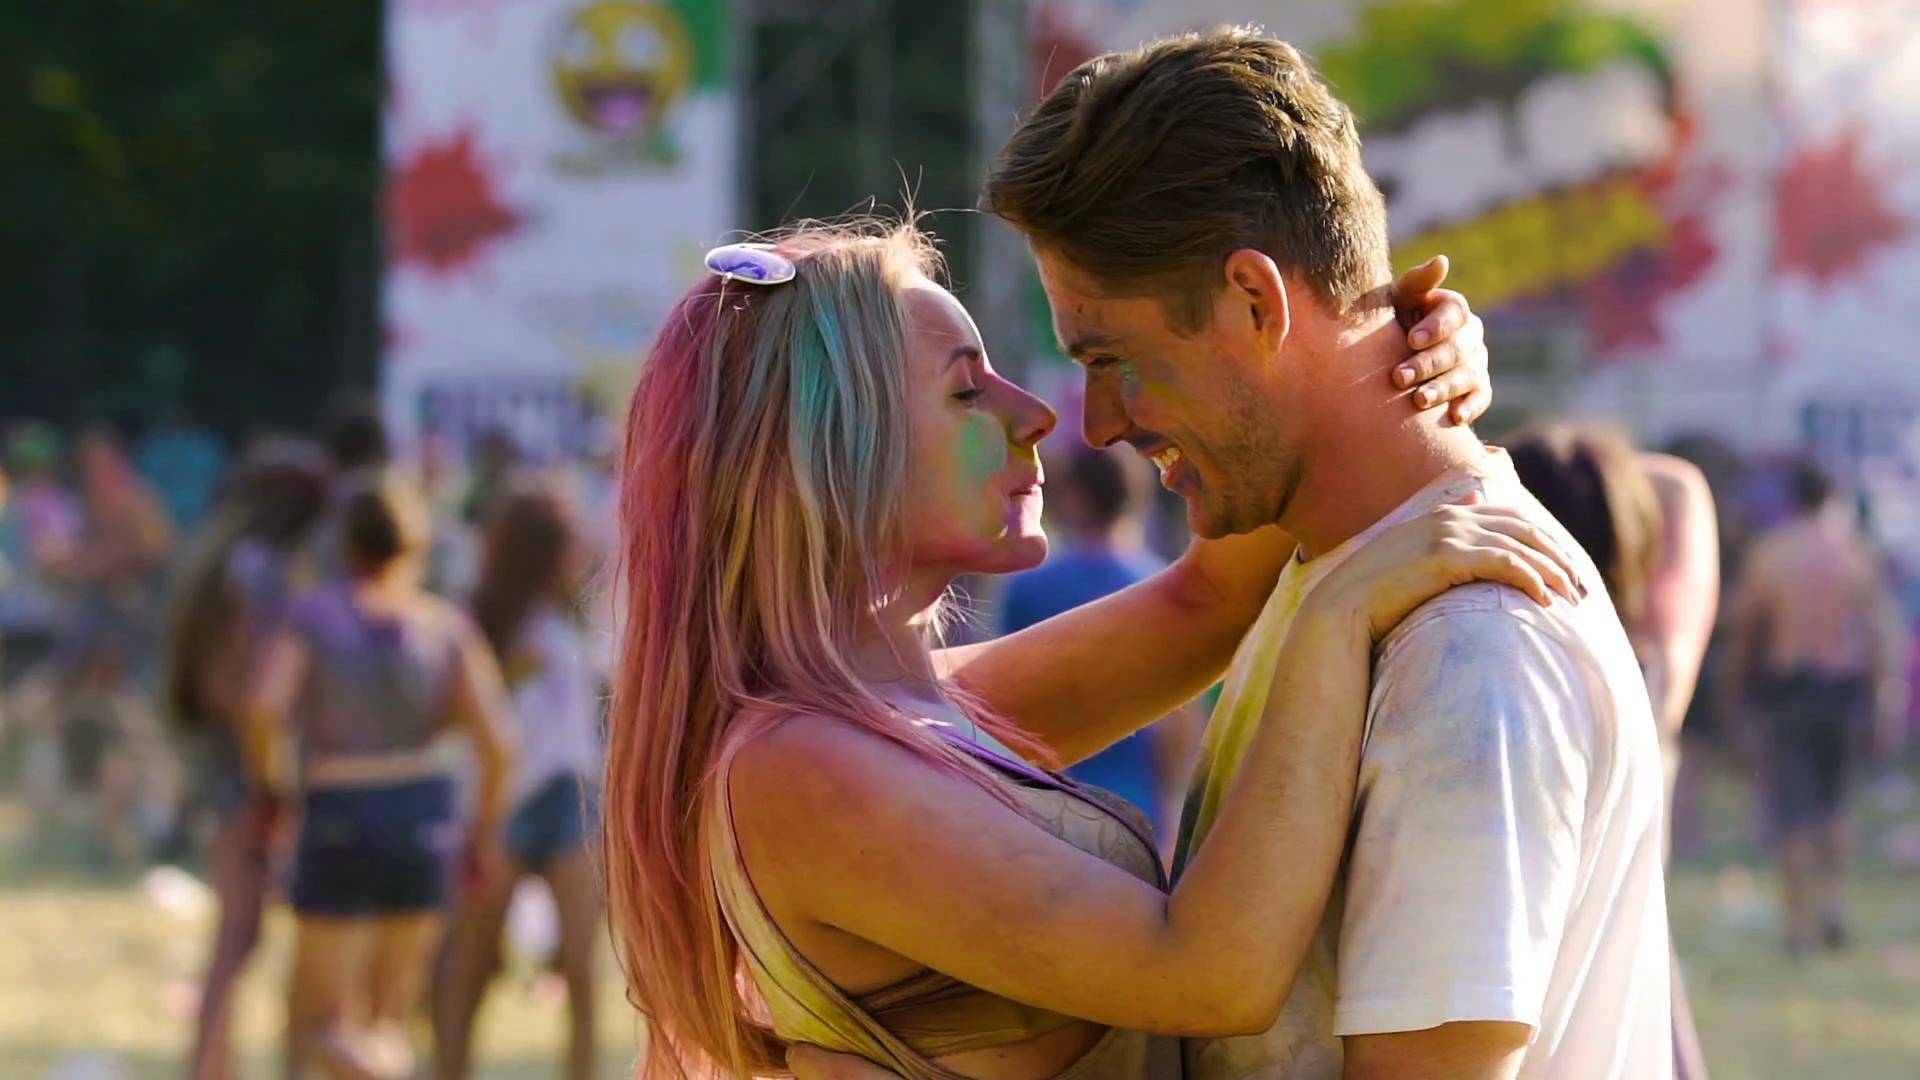 Φλερτάροντας σε μεγάλα Φεστιβάλ, Ποιο είναι το Καλύτερο Μέρος για να Γνωρίσεις Γυναίκες;